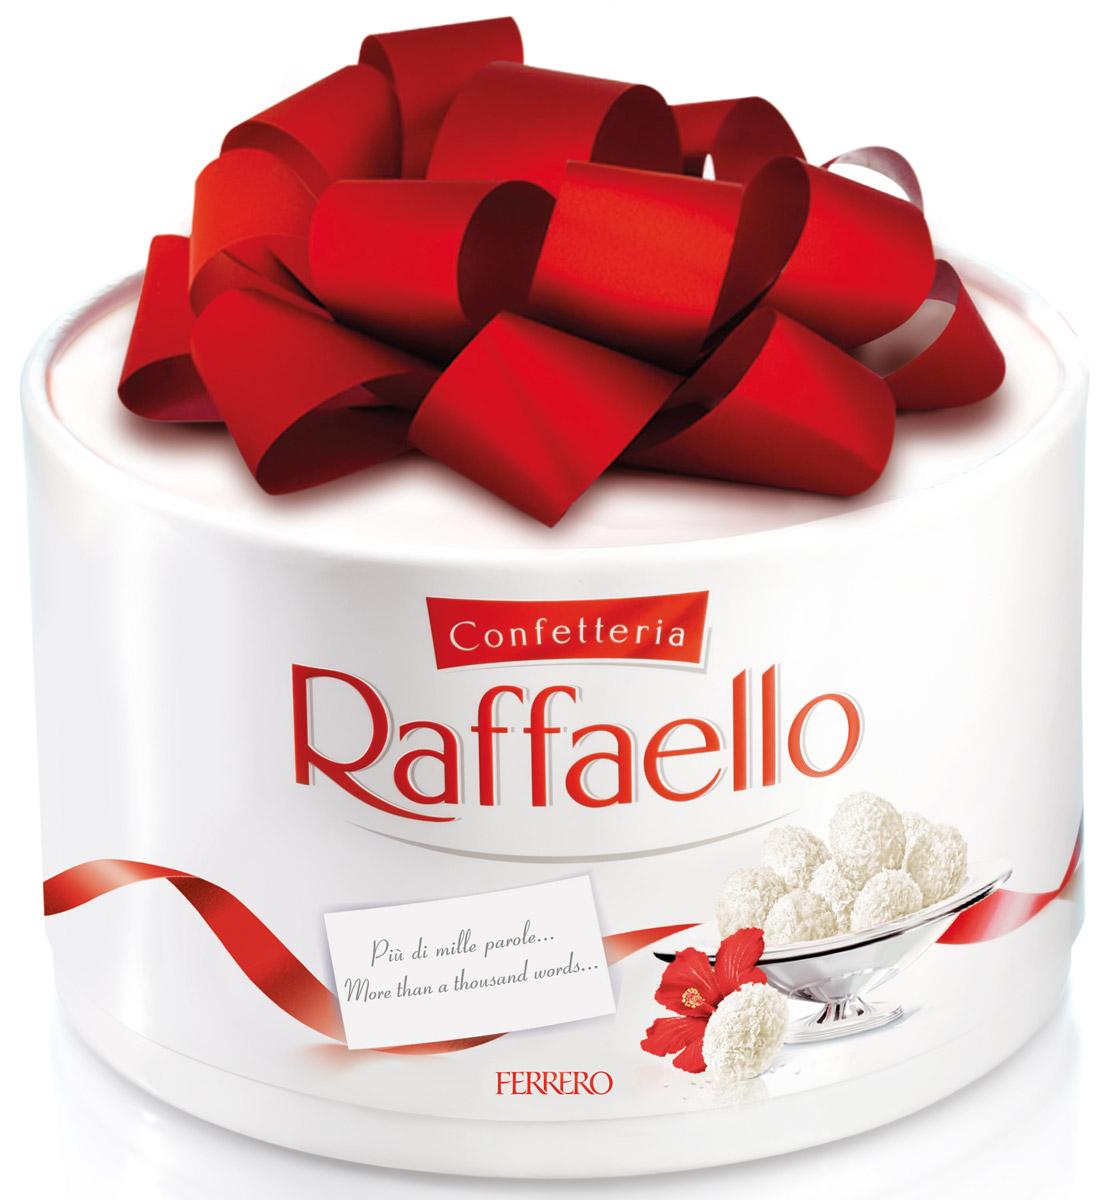 Raffaello конфеты с цельным миндальным орехом в кокосовой обсыпке, 200 г 77115556/77098325/77070950